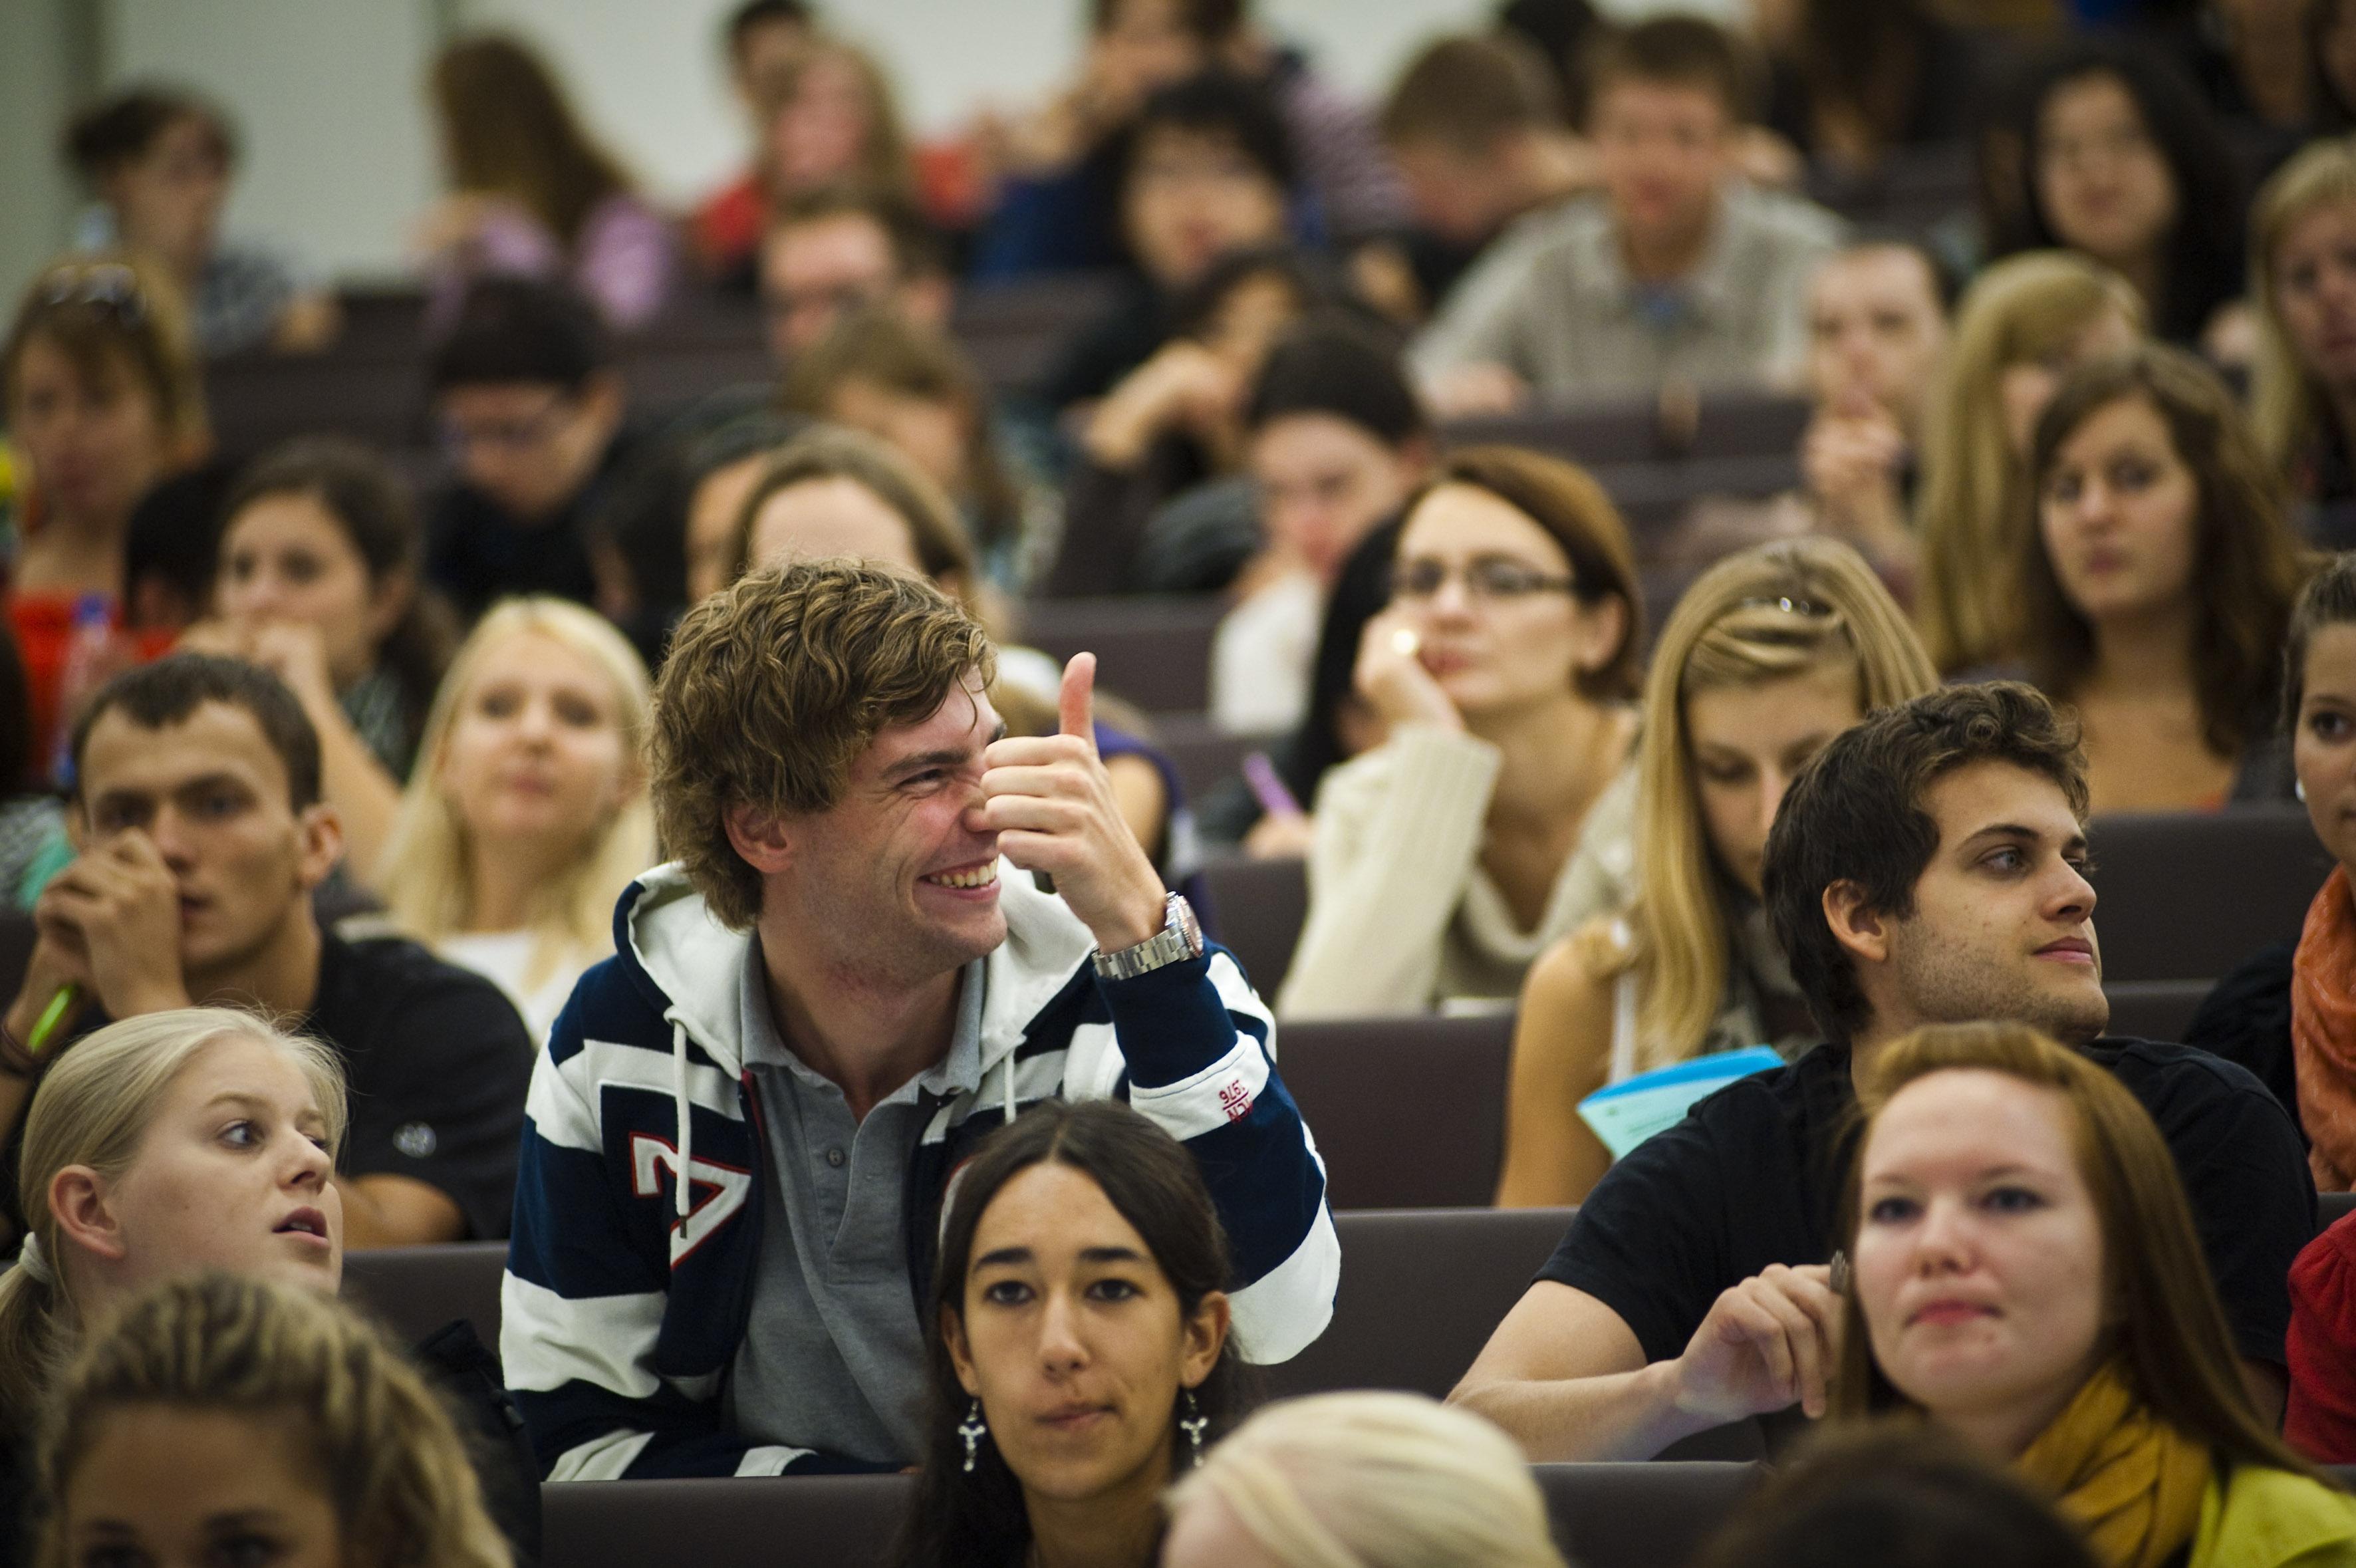 Sume substanțiale pentru programele educaționale